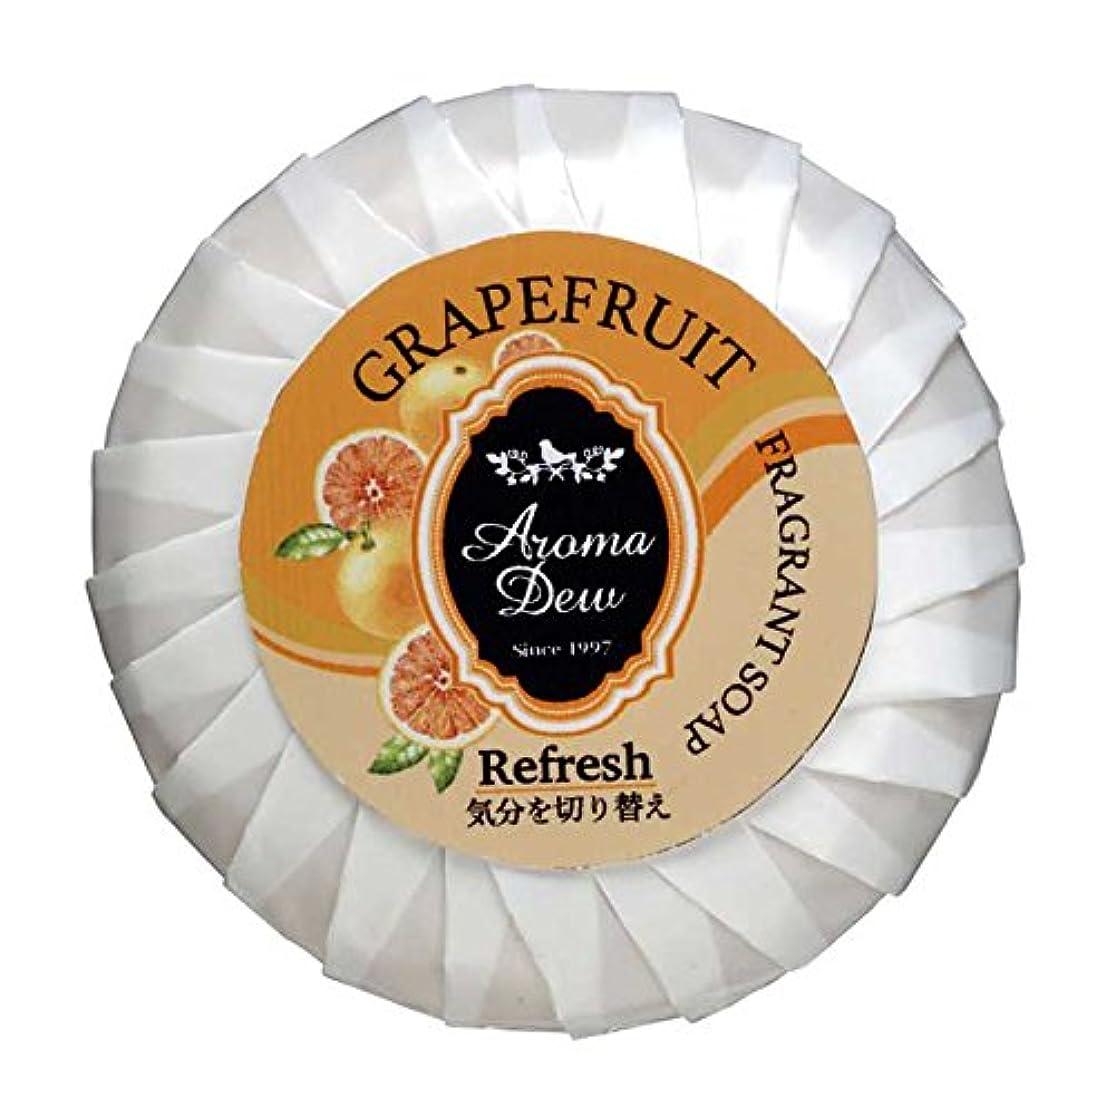 踊り子特許ラビリンスアロマデュウ フレグラントソープ グレープフルーツの香り 100g